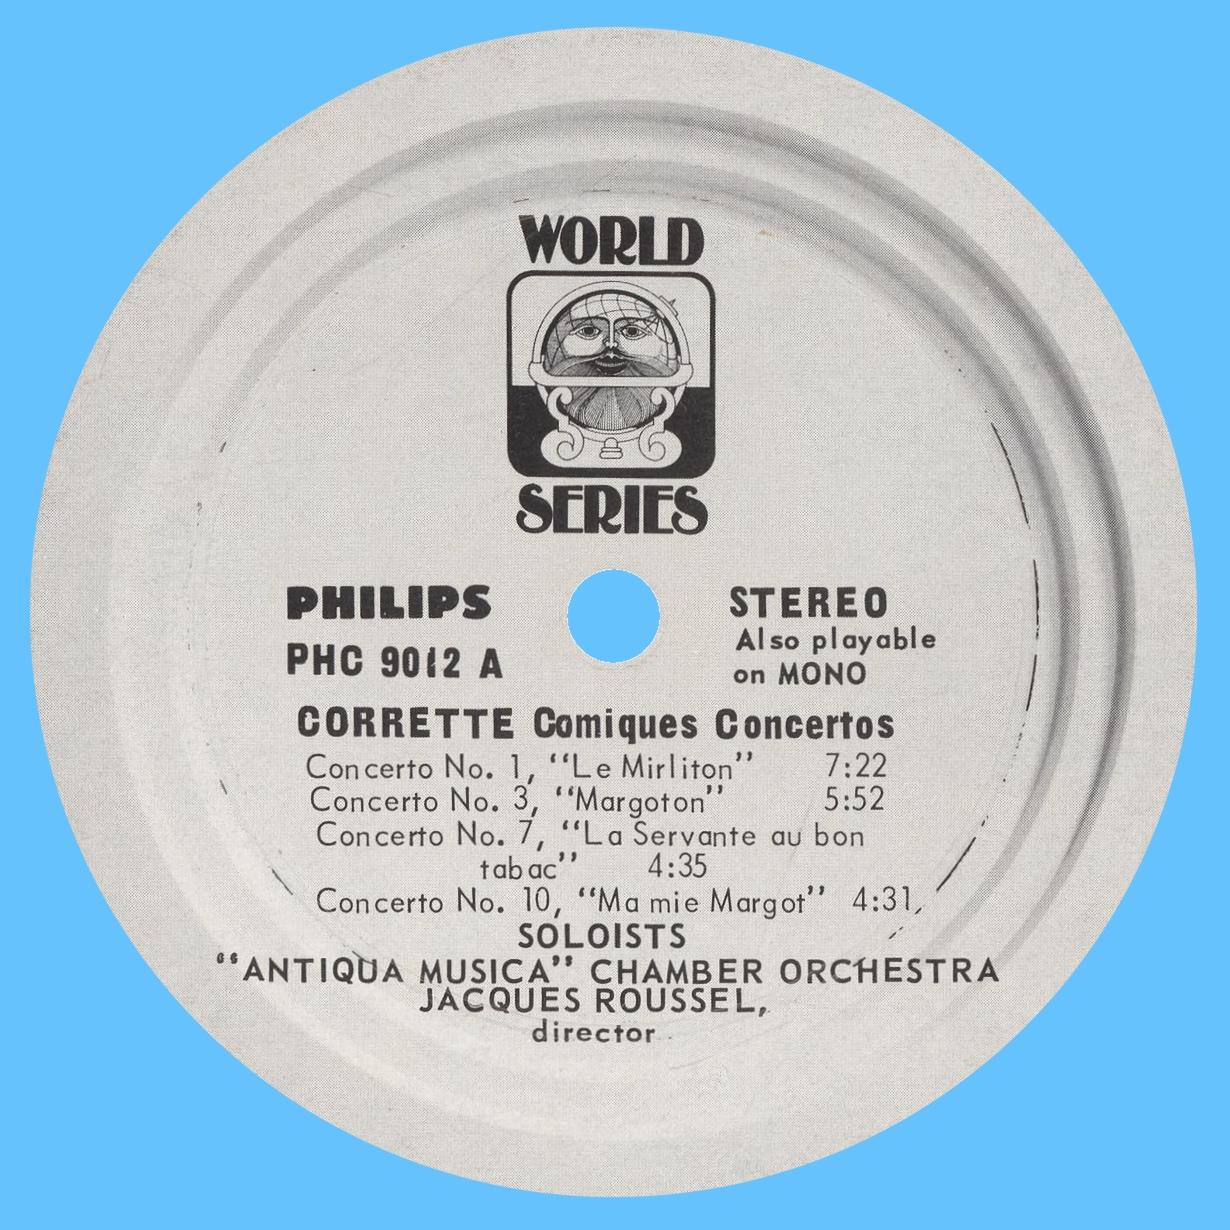 Étiquette recto du disque Philips PHC 9012